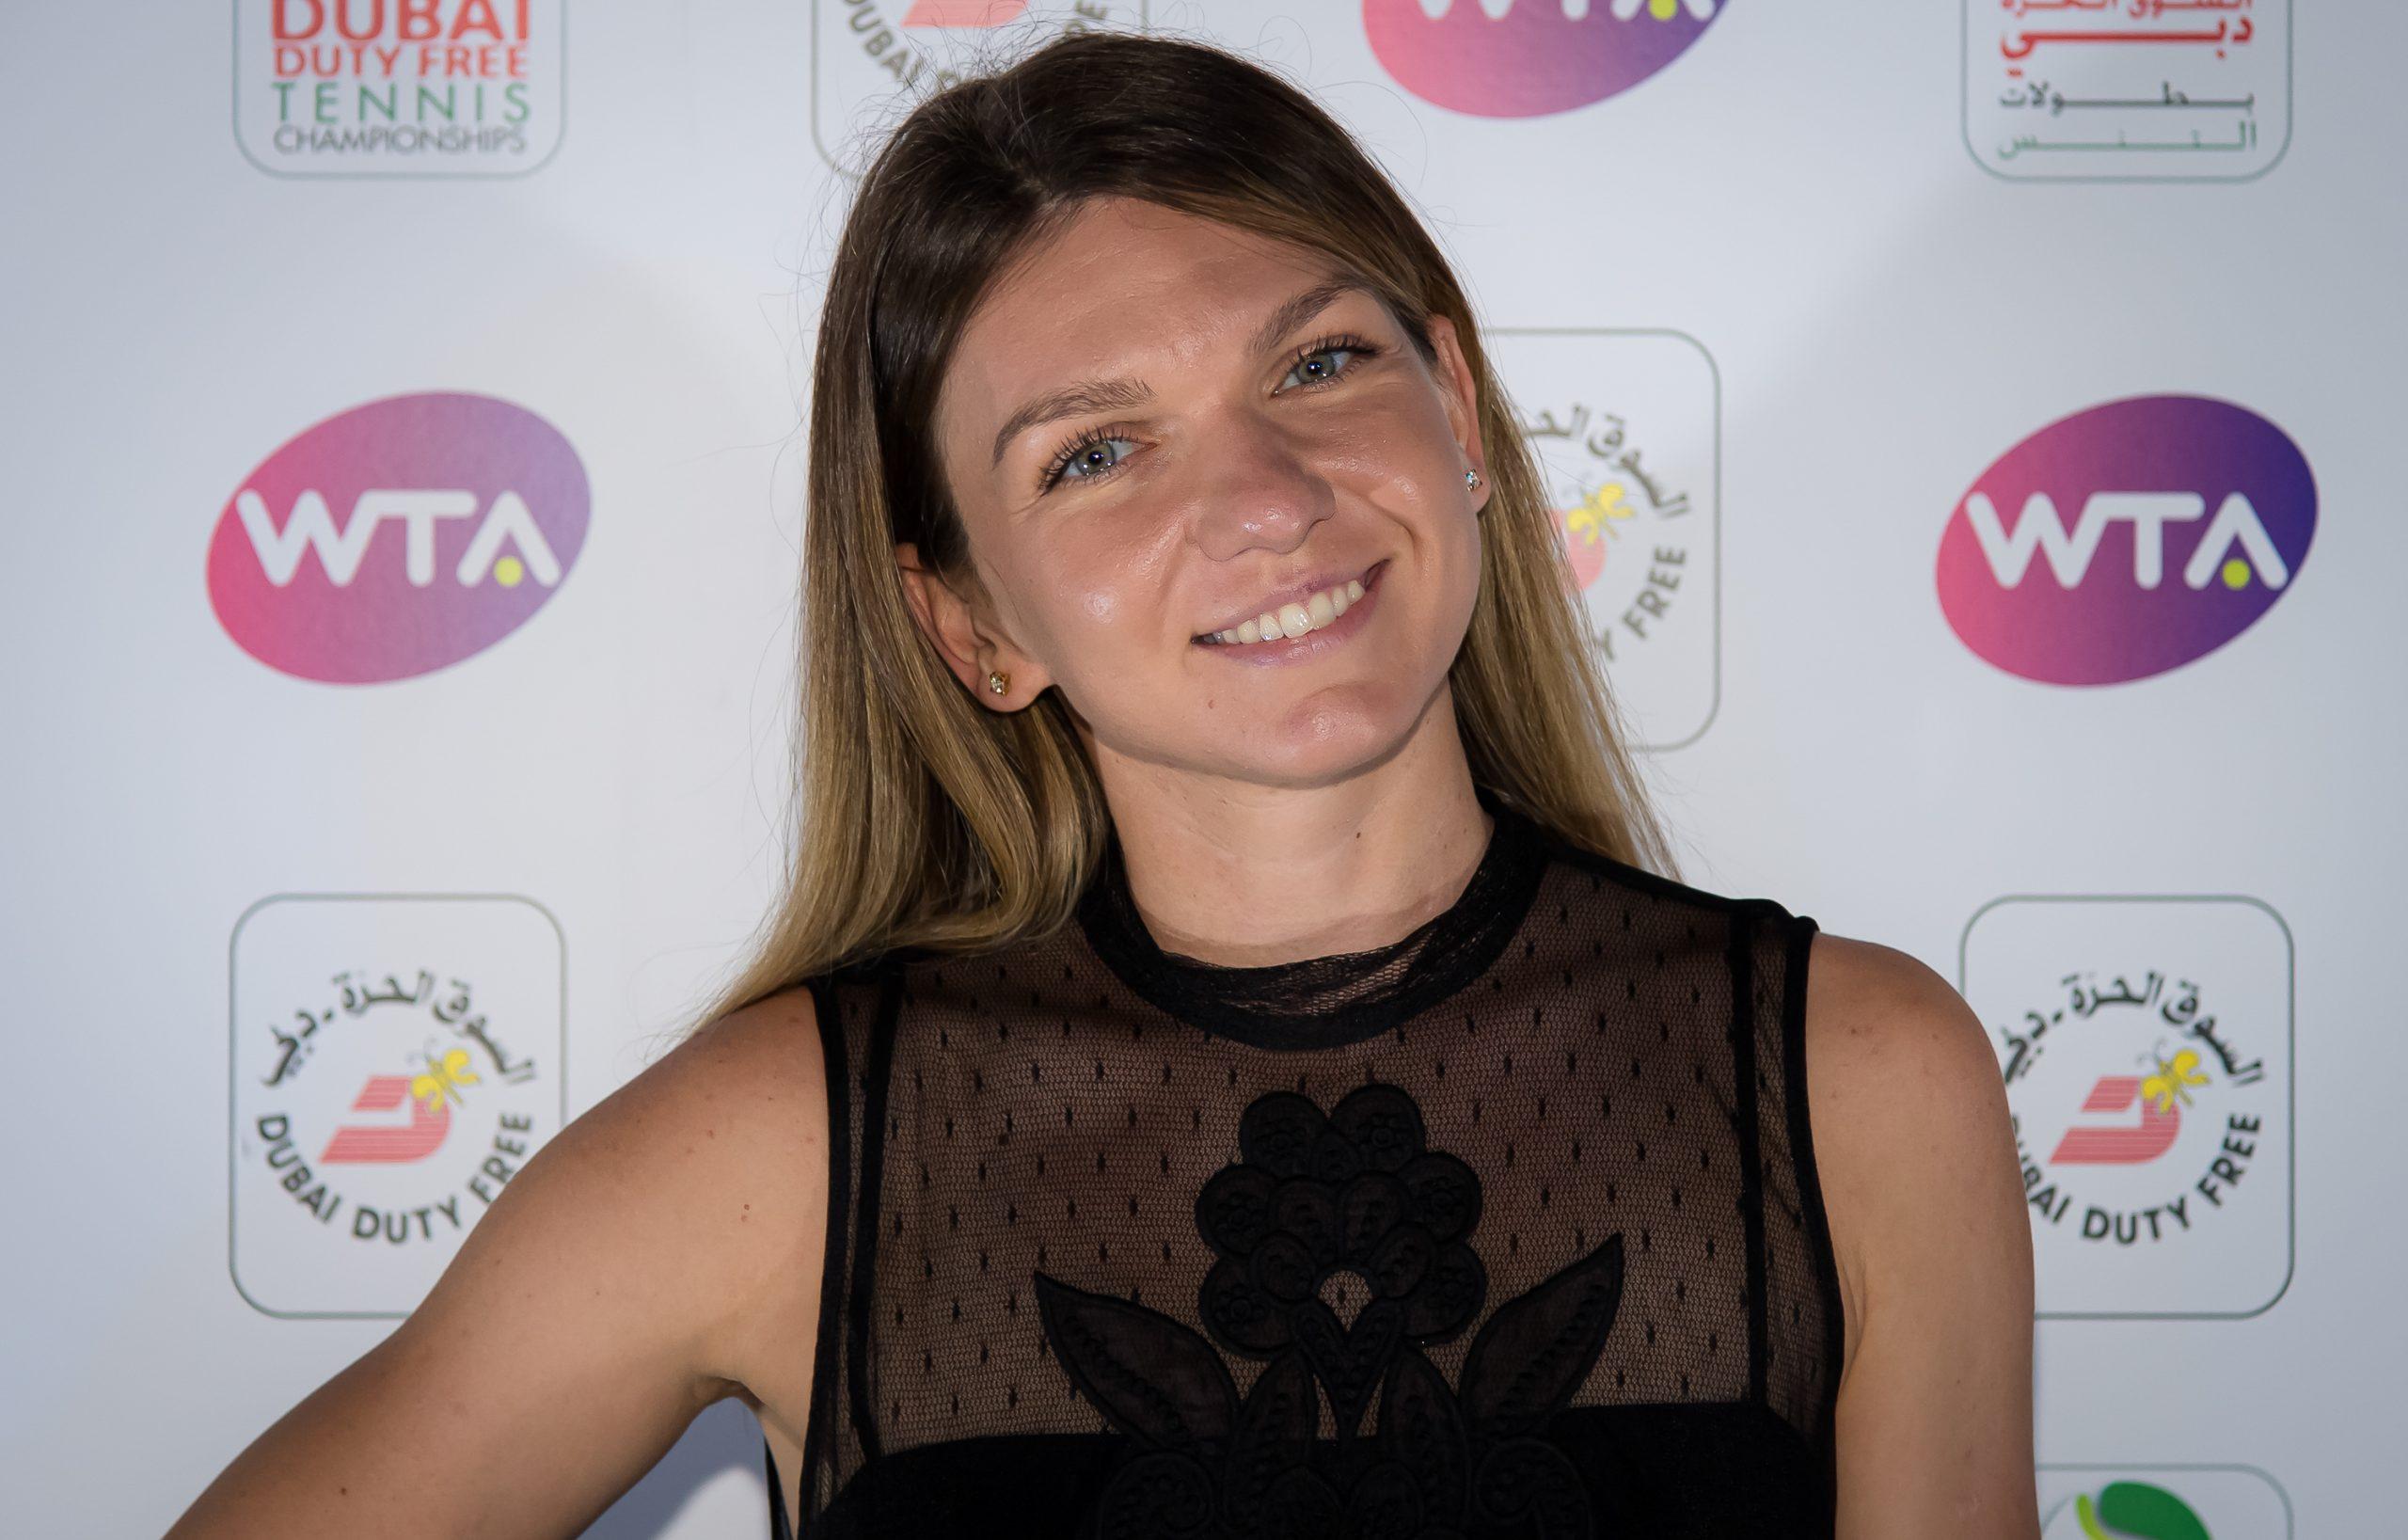 Simona Halep va afla peste o săptămână când se vor relua turneele de tenis. Planul celor de la WTA și ATP